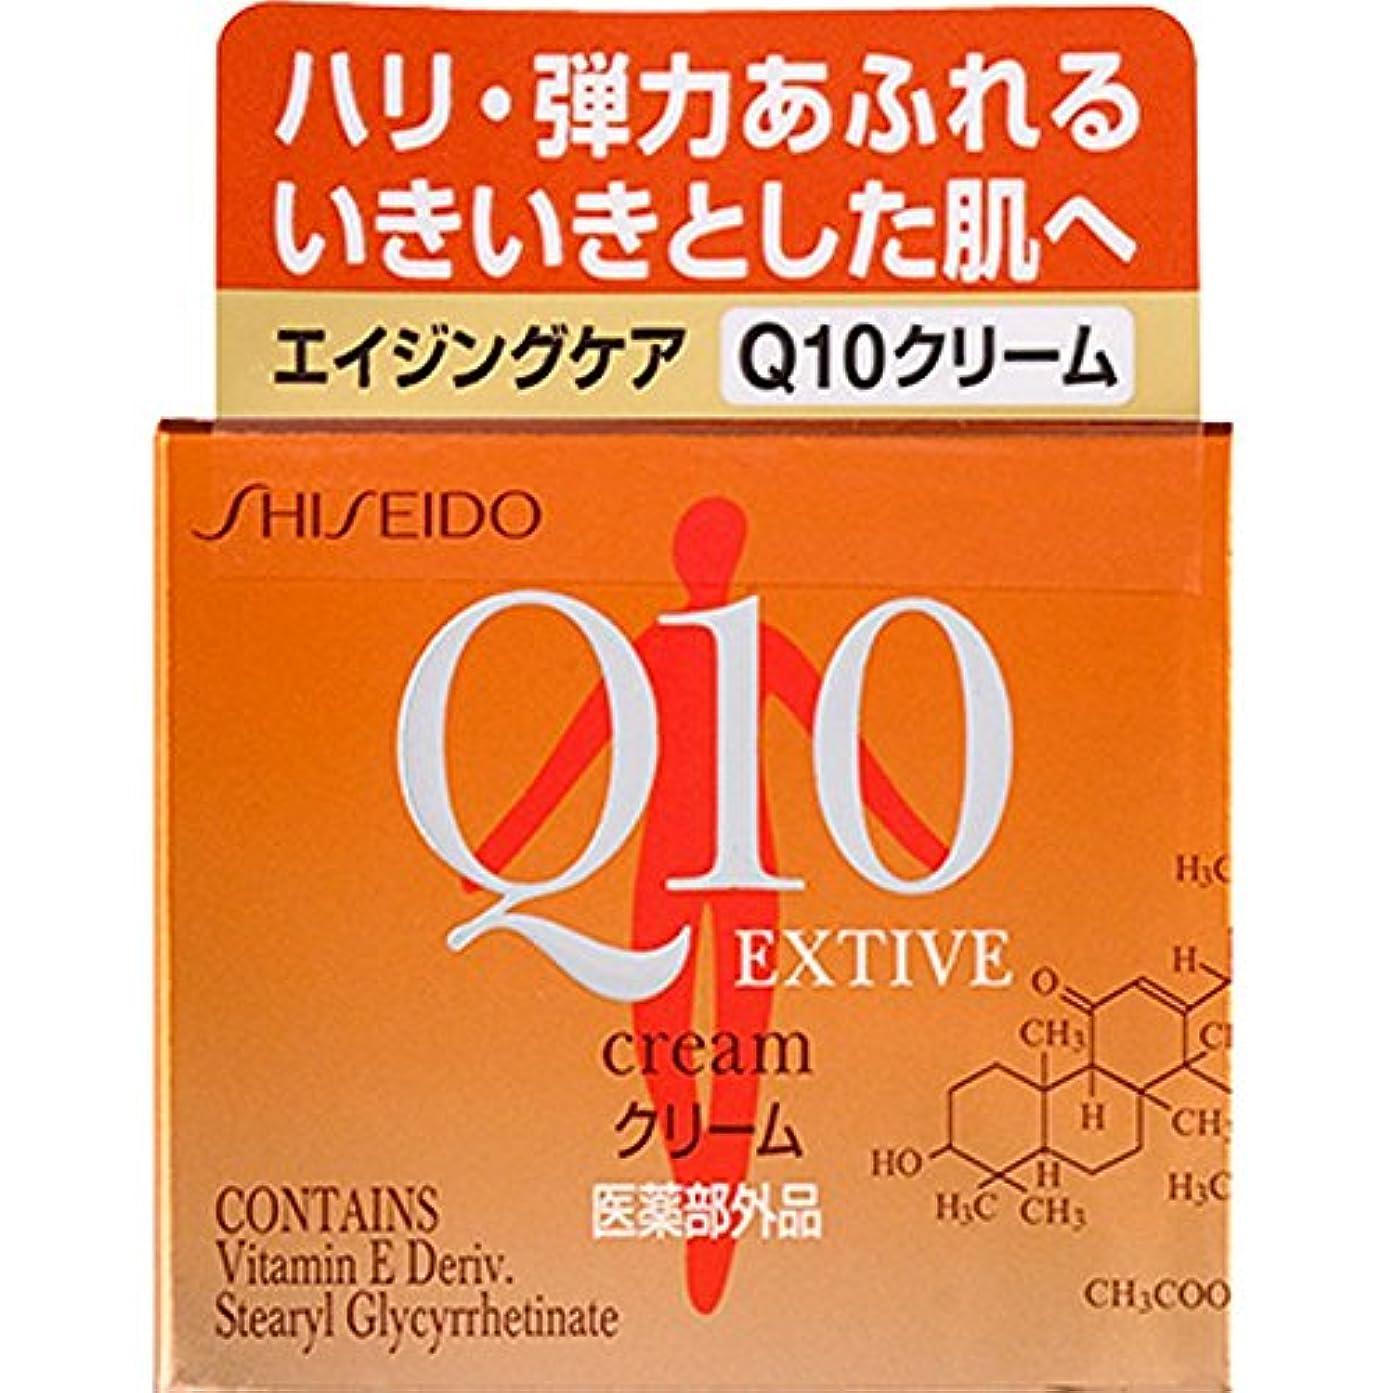 収縮ビジョン本当のことを言うと資生堂薬品 Q10 エクティブ クリームN 30g